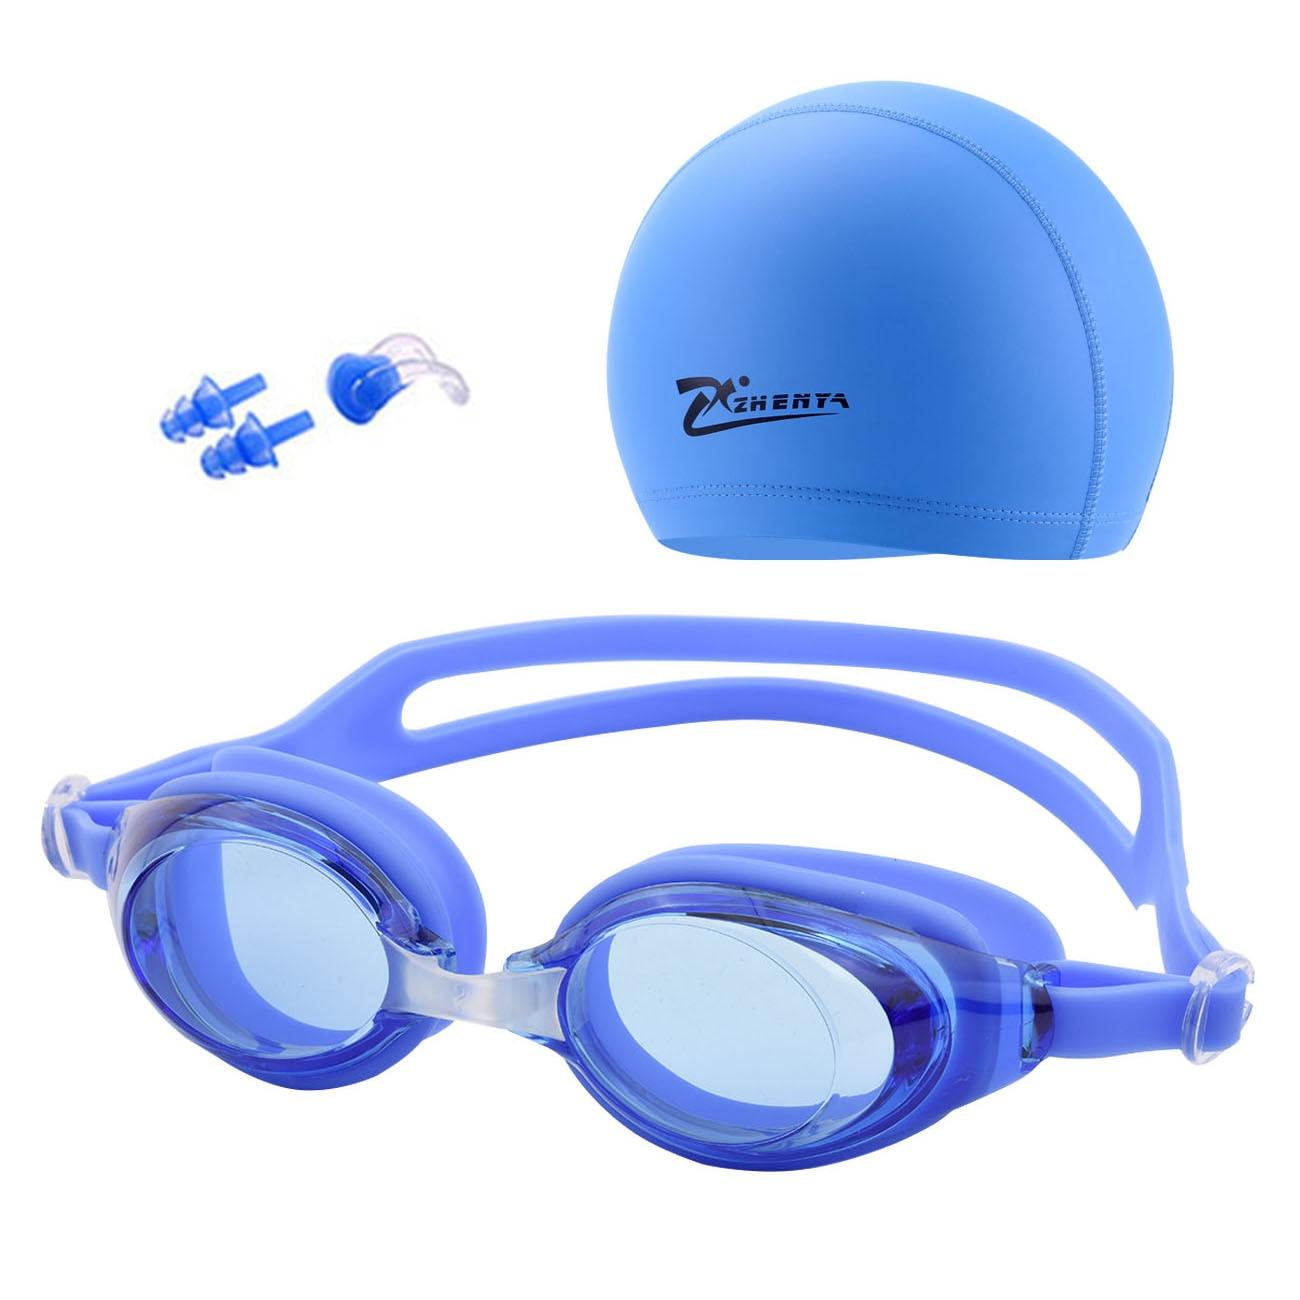 Очки для плавания шапка с очками, противотуманные, водонепроницаемые, с берушами, для бассейна, для мужчин, детей, женщин, мужчин, взрослые, с...